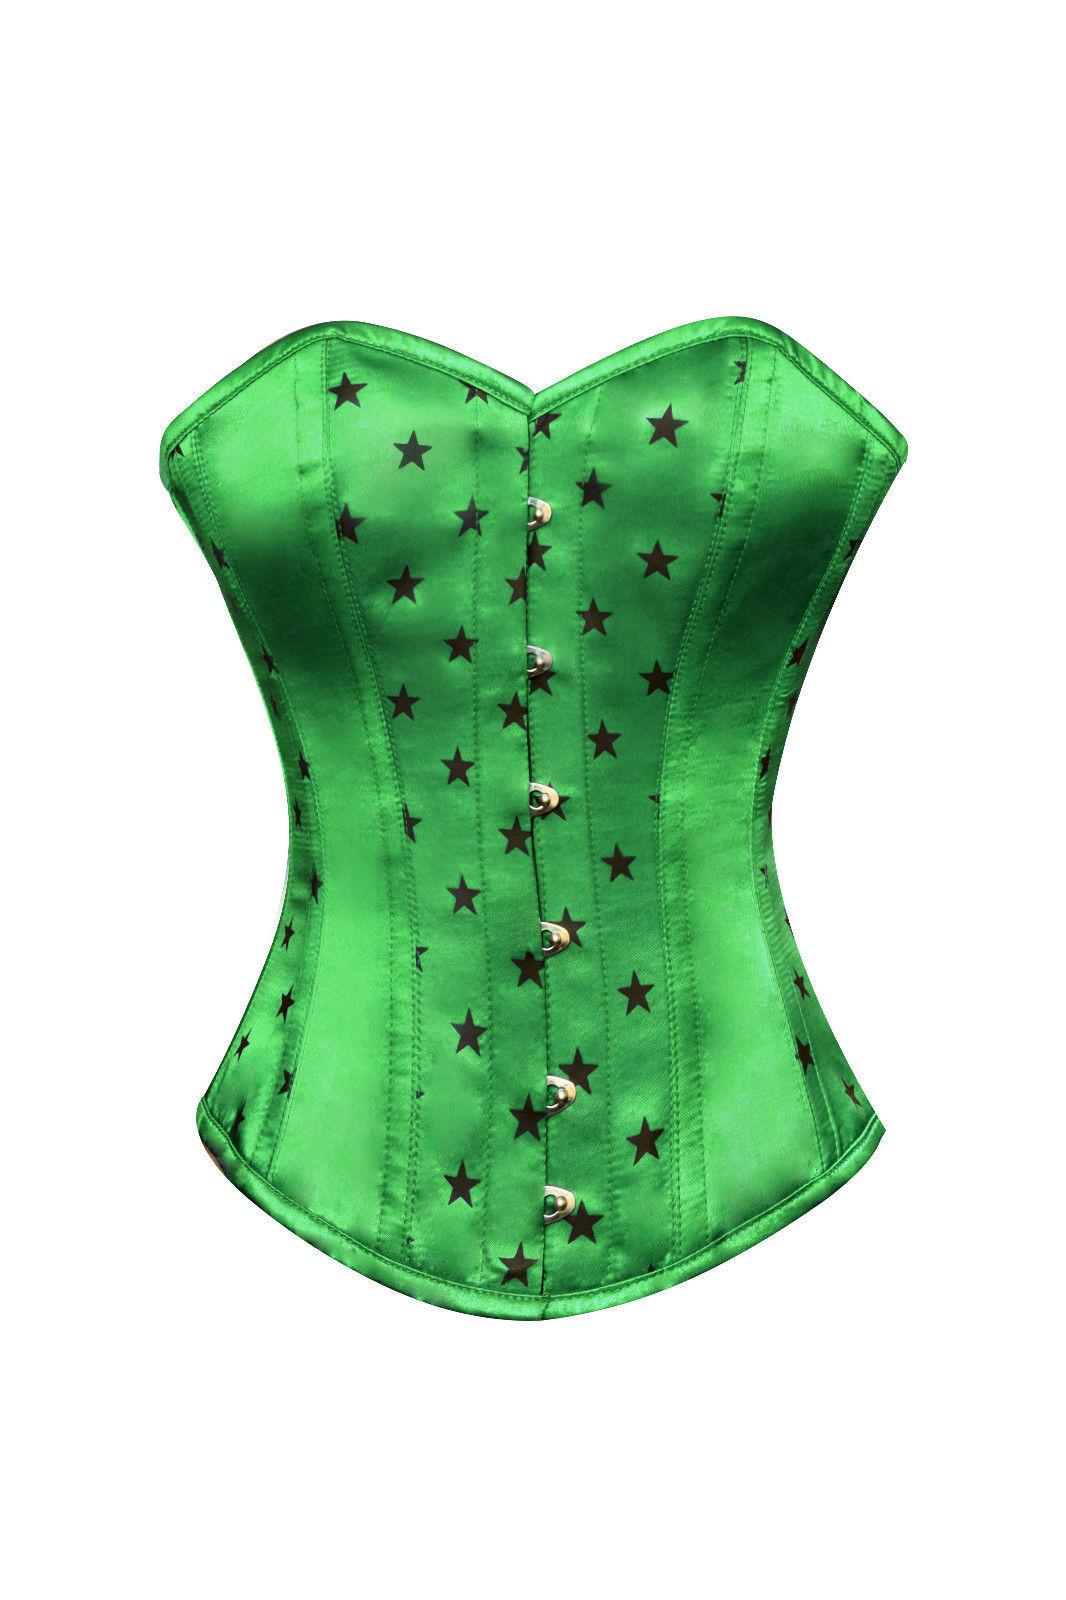 Green Satin Black Stars Print Burlesque Waist Shaper Bustier Overbust Corset Top